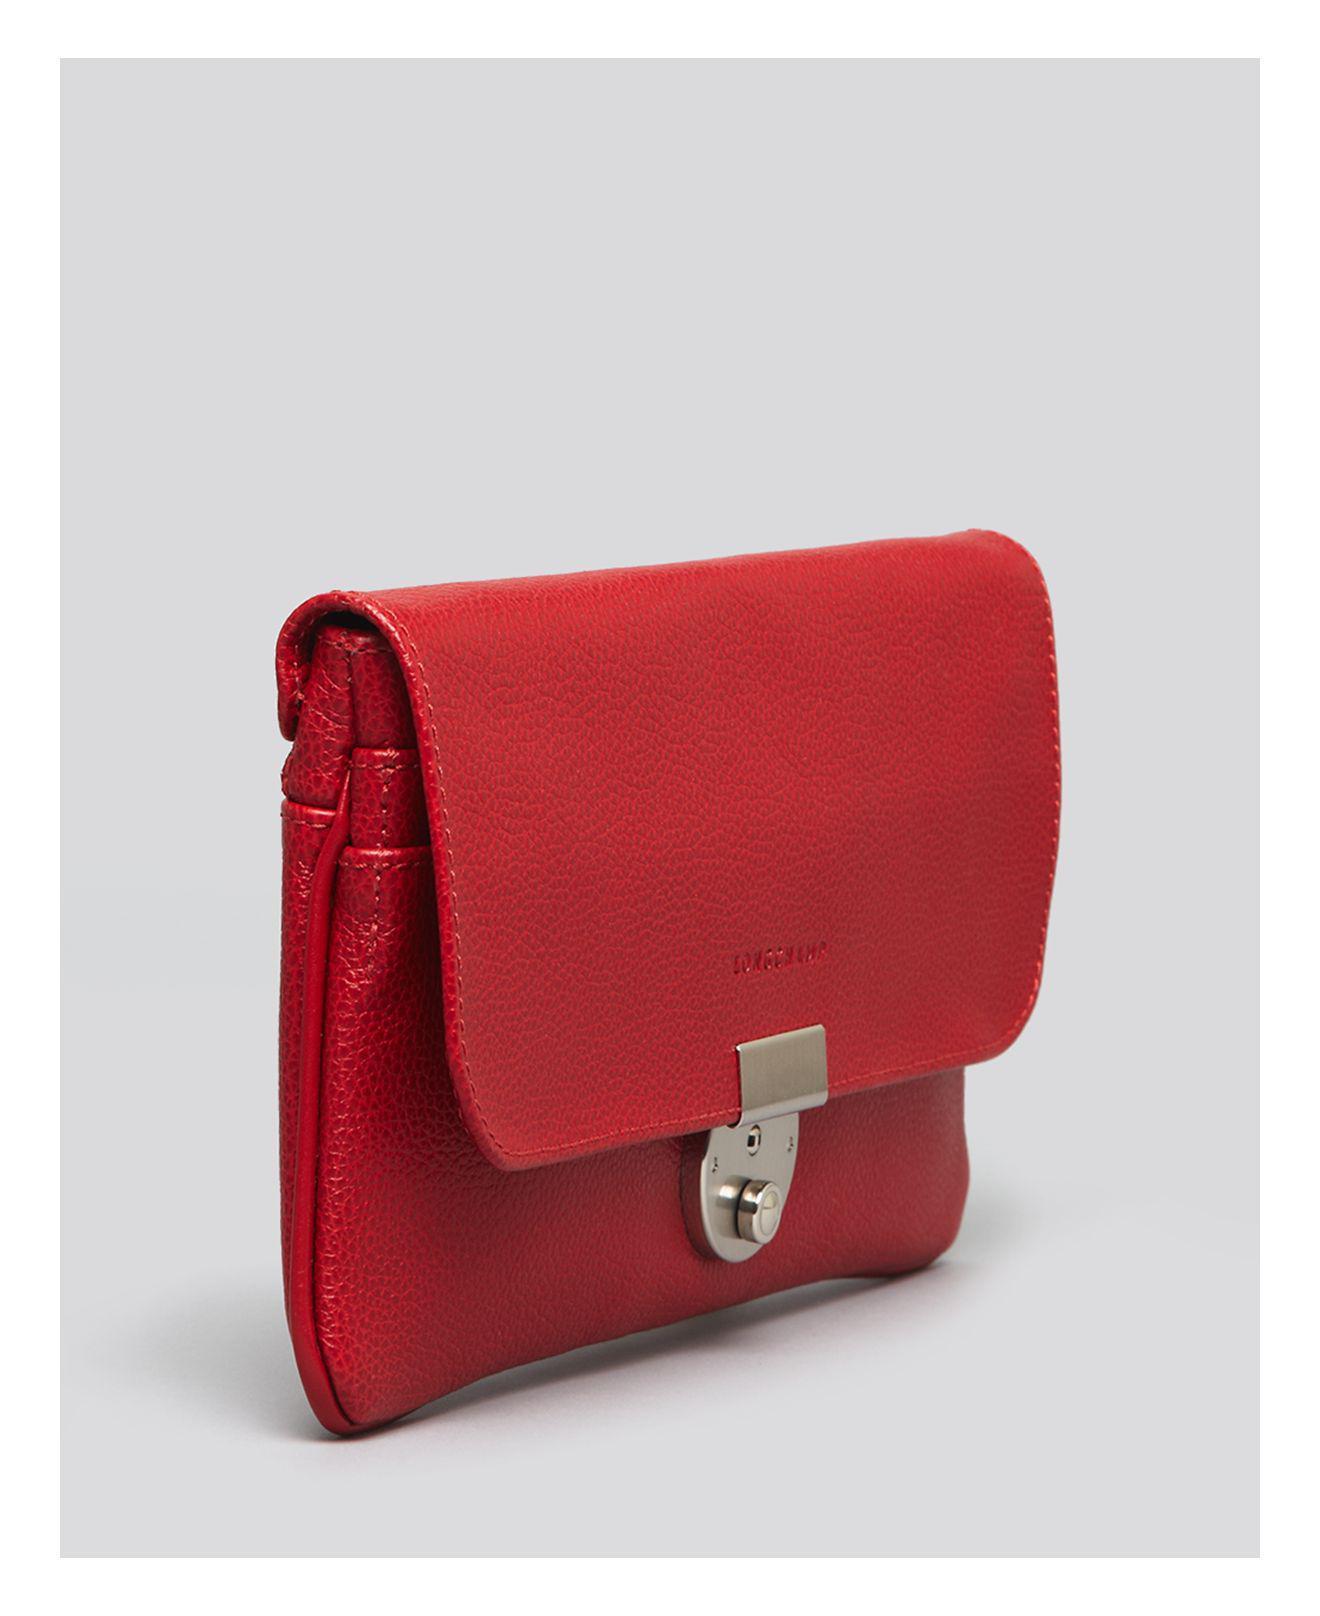 Longchamp Le Foulonne Pochette Clutch Bag MLz1fvUpXg